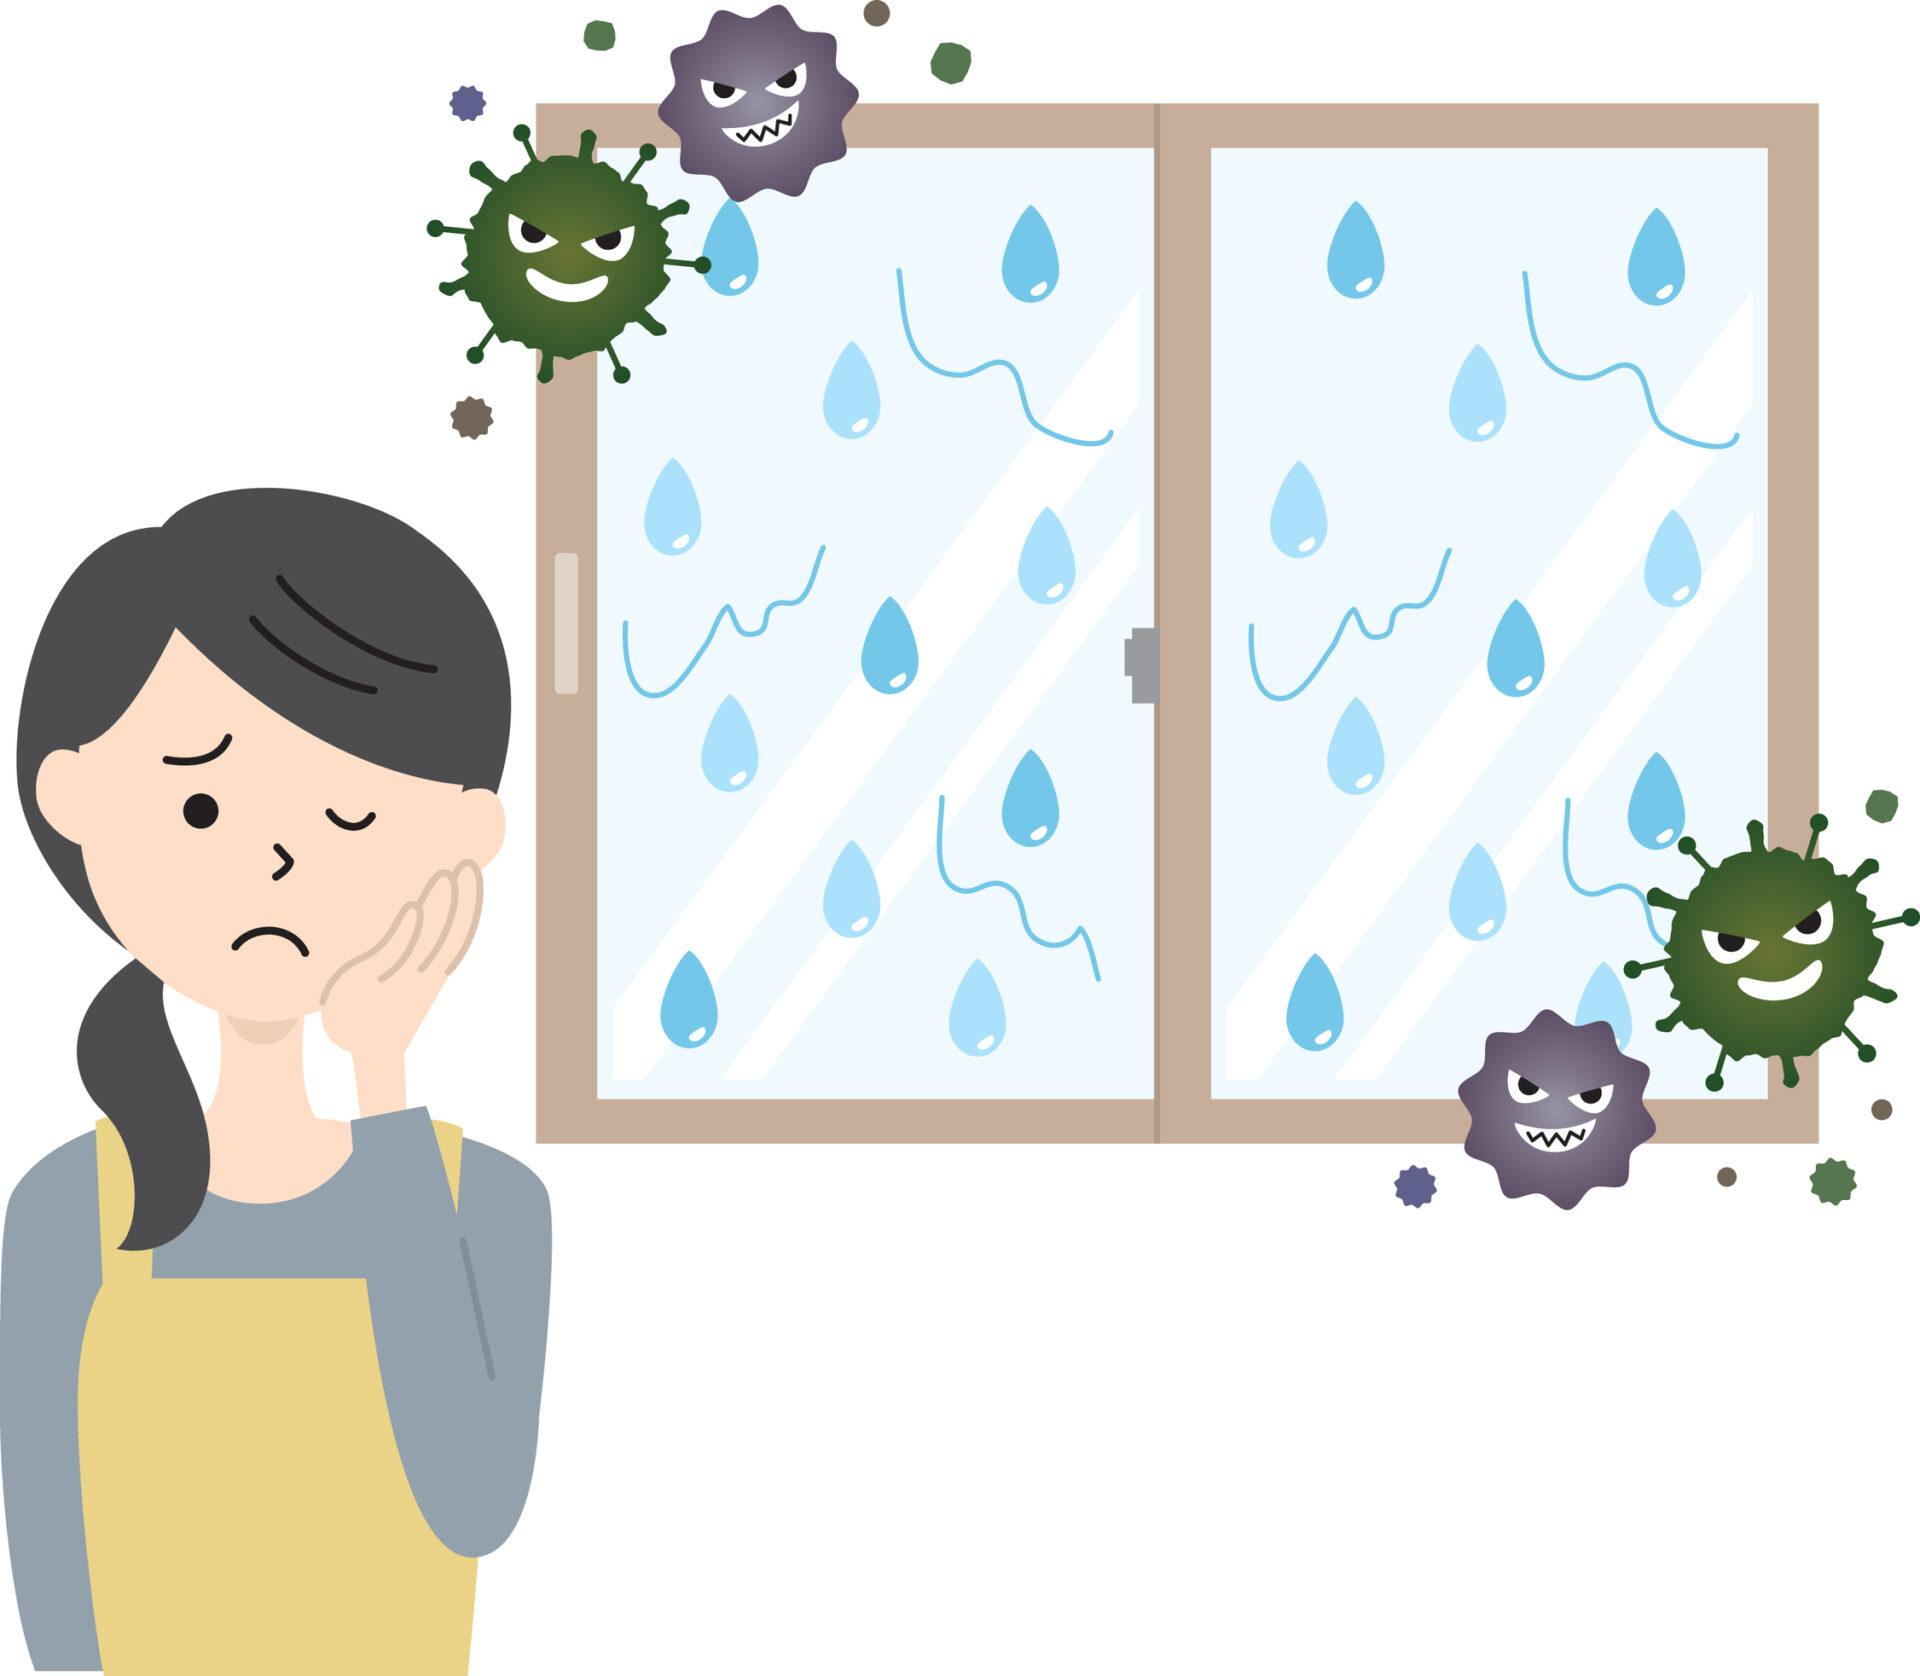 Din cauza ferestrelor prea bine închise, pot apărea probleme de ventilație și implicit mucegai, atenționează medicii